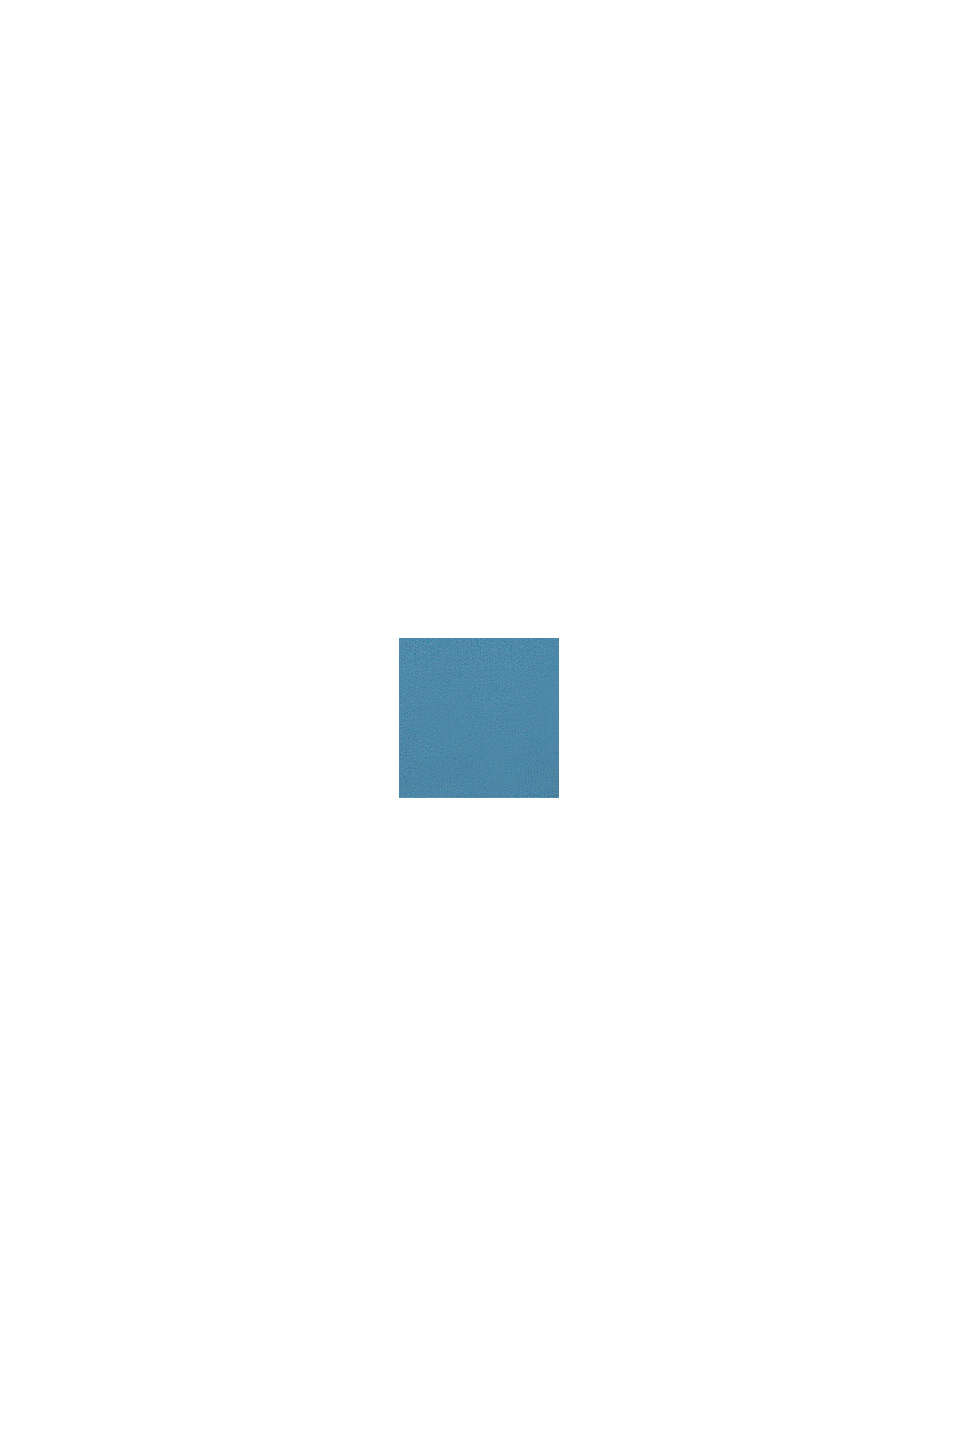 Sweatshirt met logo, van 100% katoen, GREY BLUE, swatch